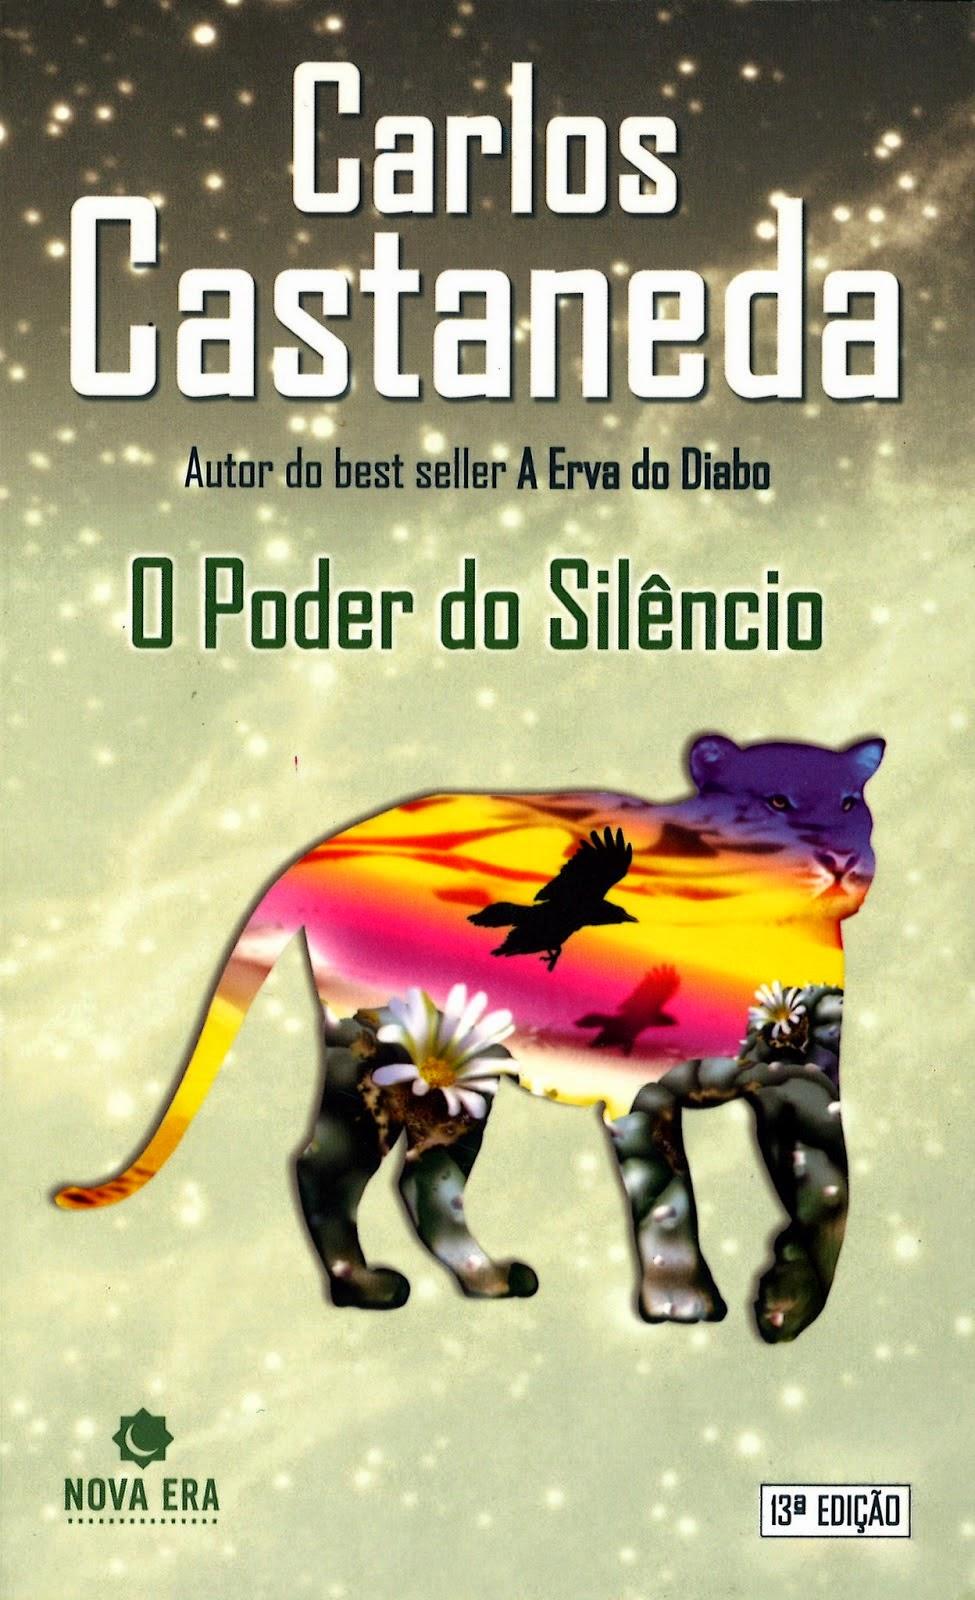 Tudo de Bom em Audiobooks: O Poder do Silêncio - Carlos